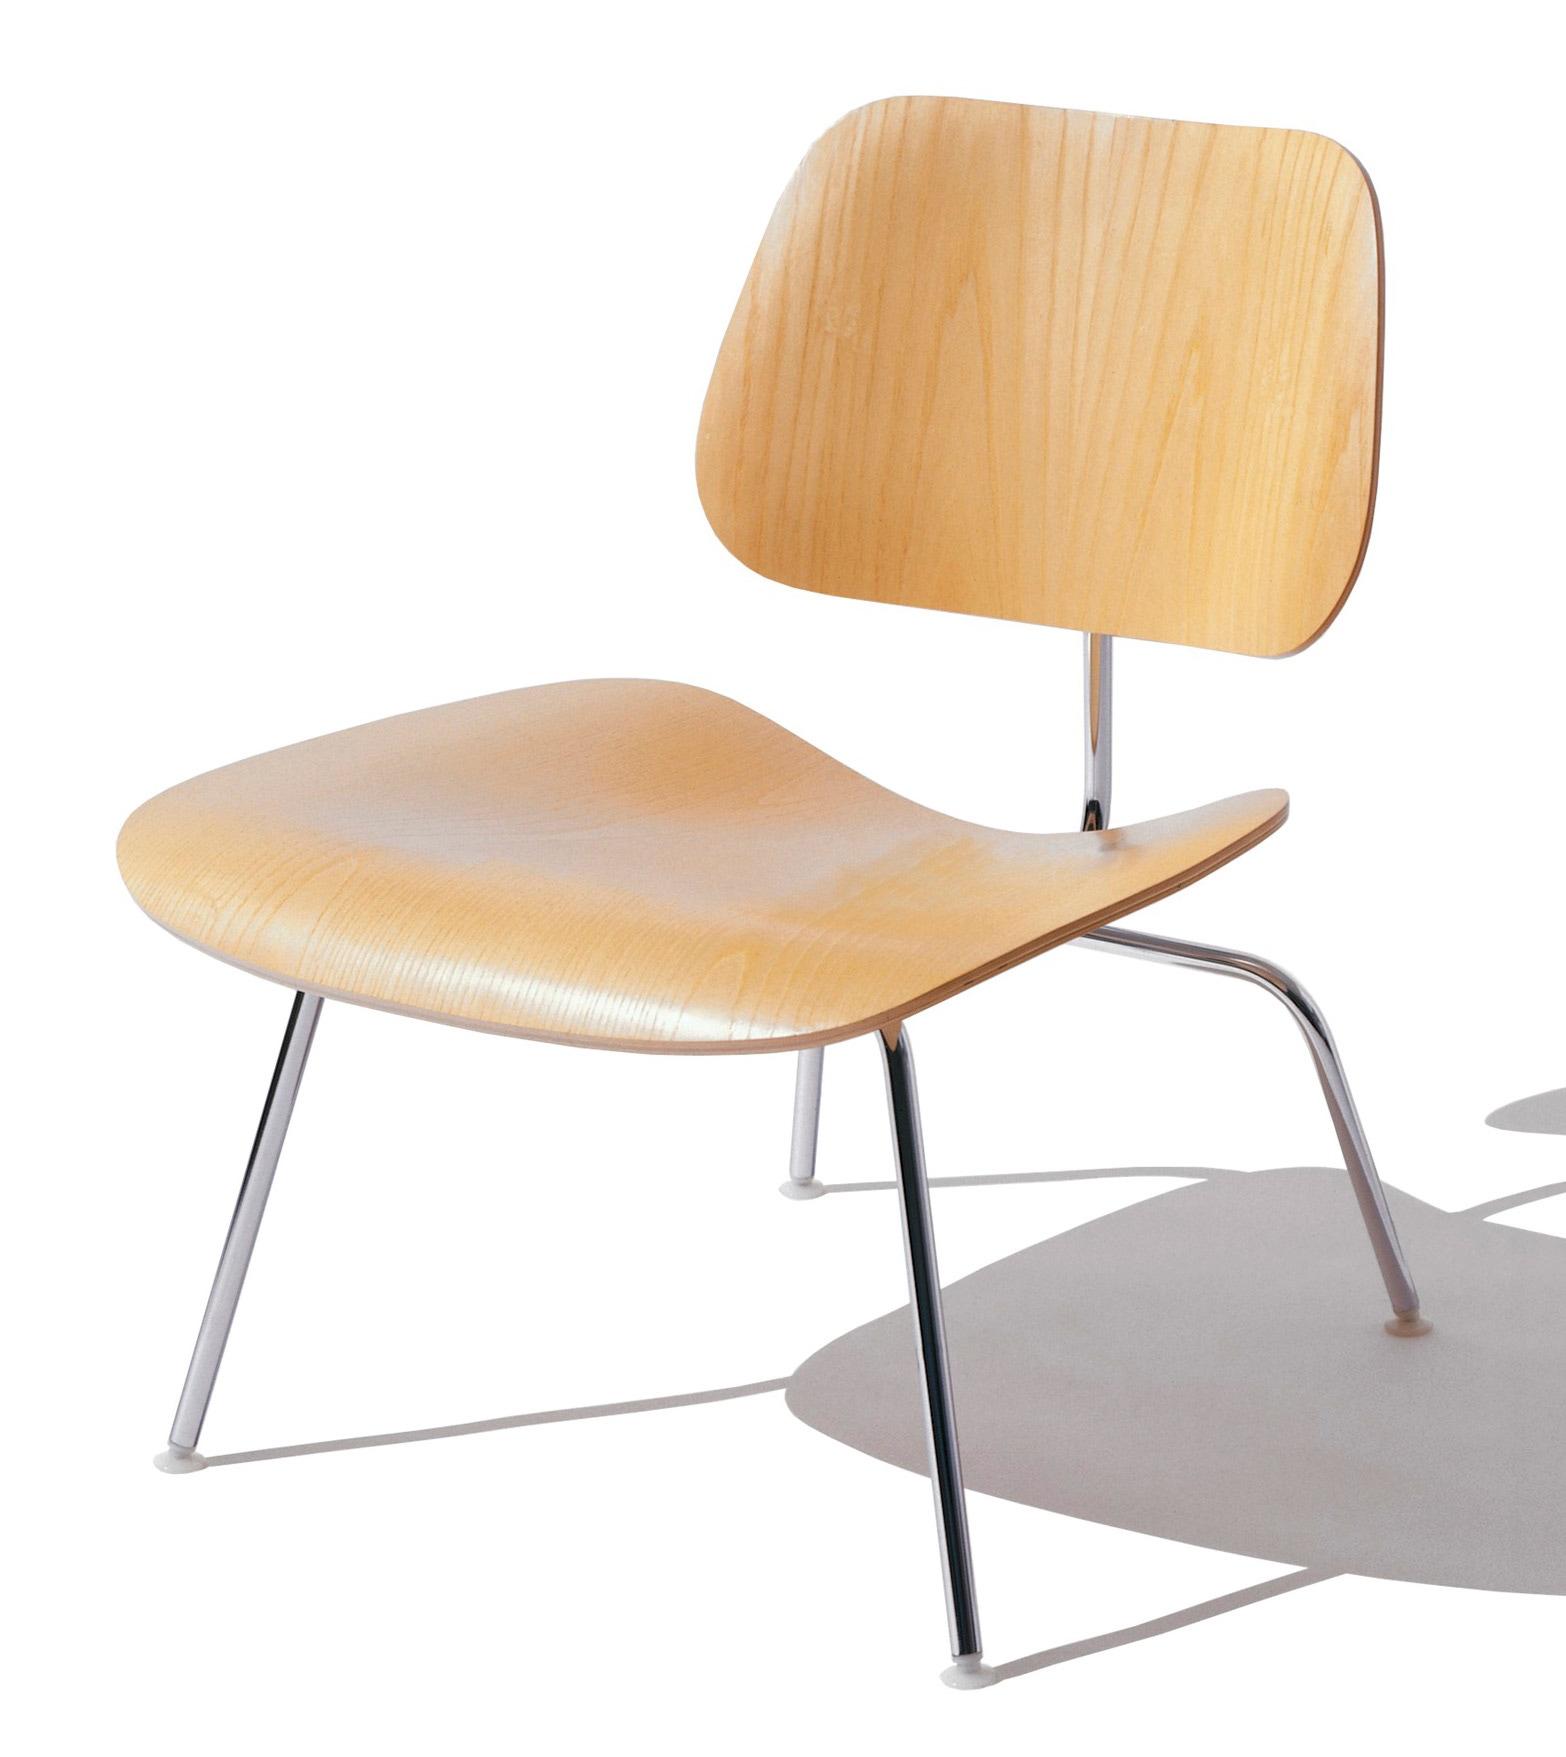 Herman Miller Eames174 Molded Plywood Lounge Chair Metal  : eames lounge chair metal legs 11 from grshop.com size 1566 x 1757 jpeg 273kB